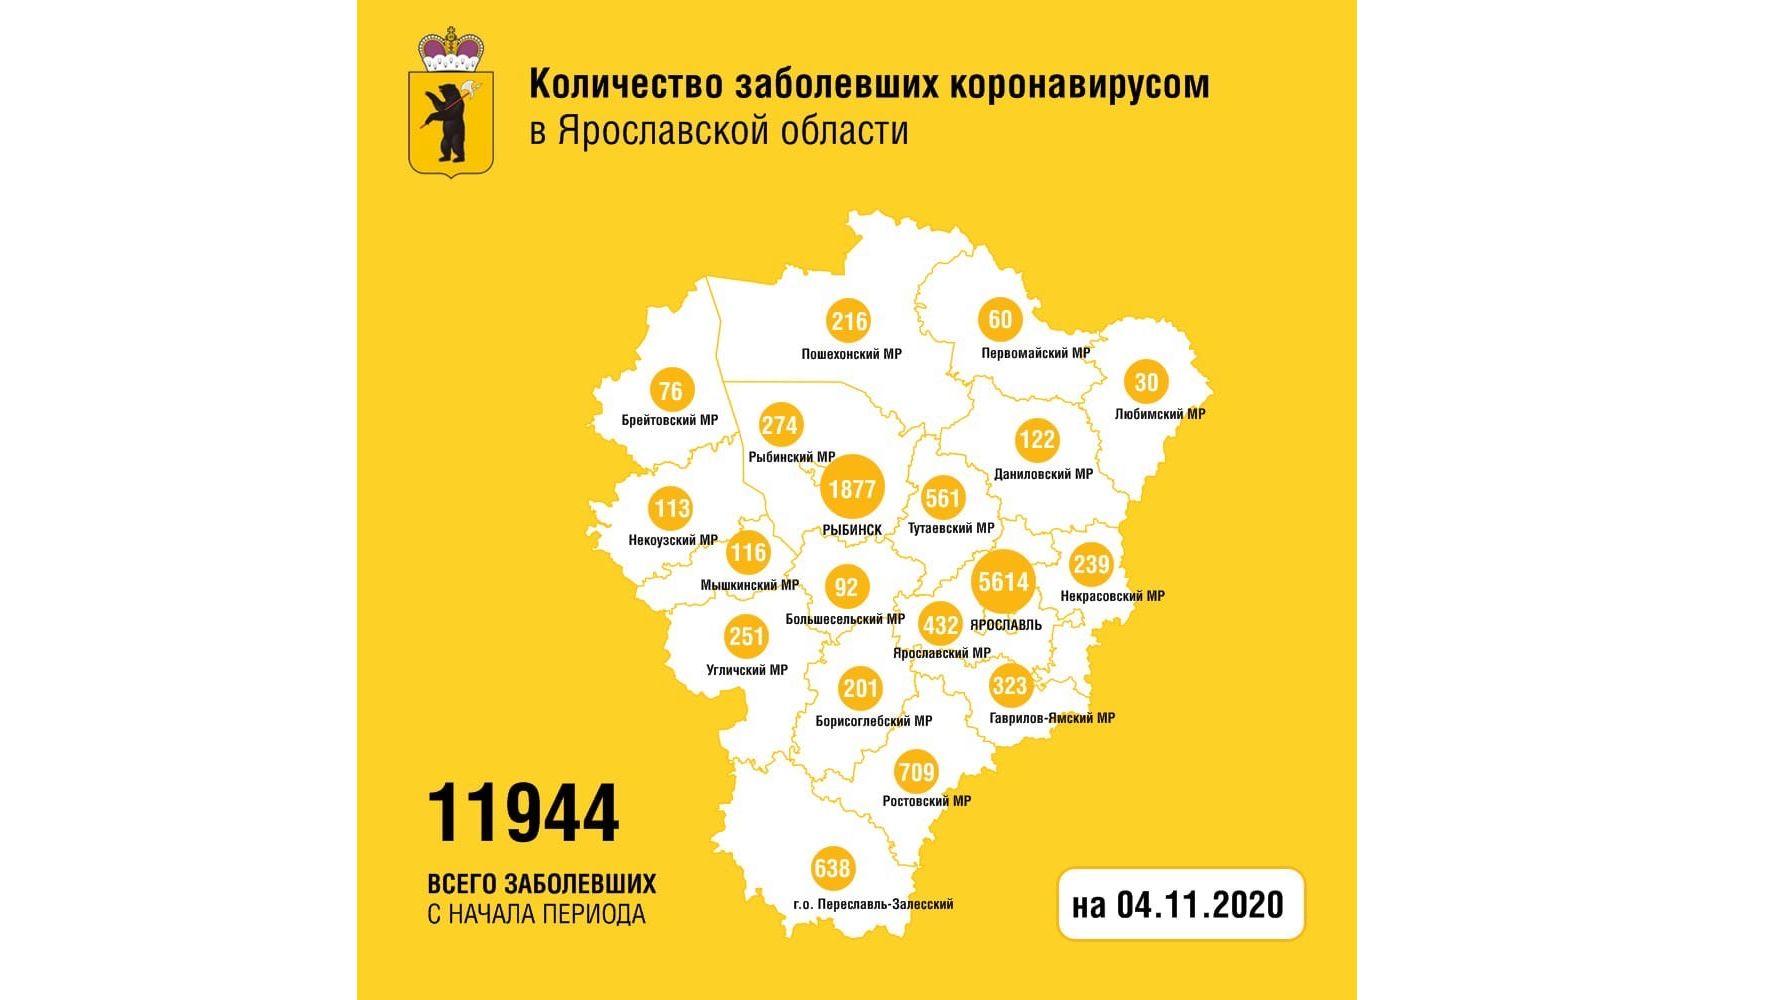 В Ярославской области вылечили от коронавируса 203 человека, одна женщина умерла